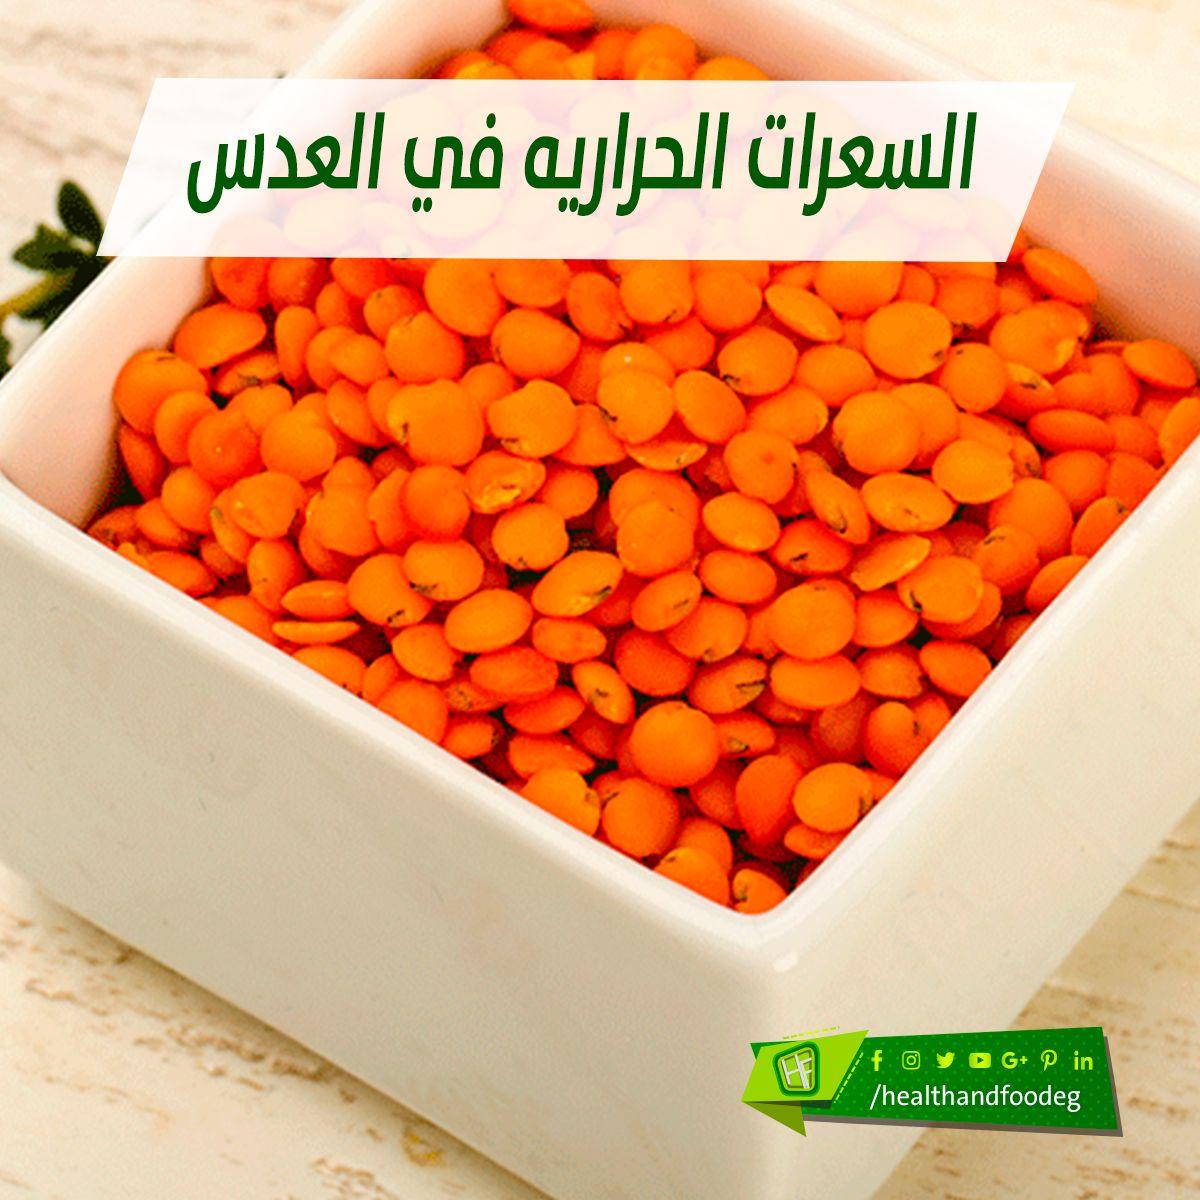 السعرات الحرارية في العدس Vegetables Carrots Food